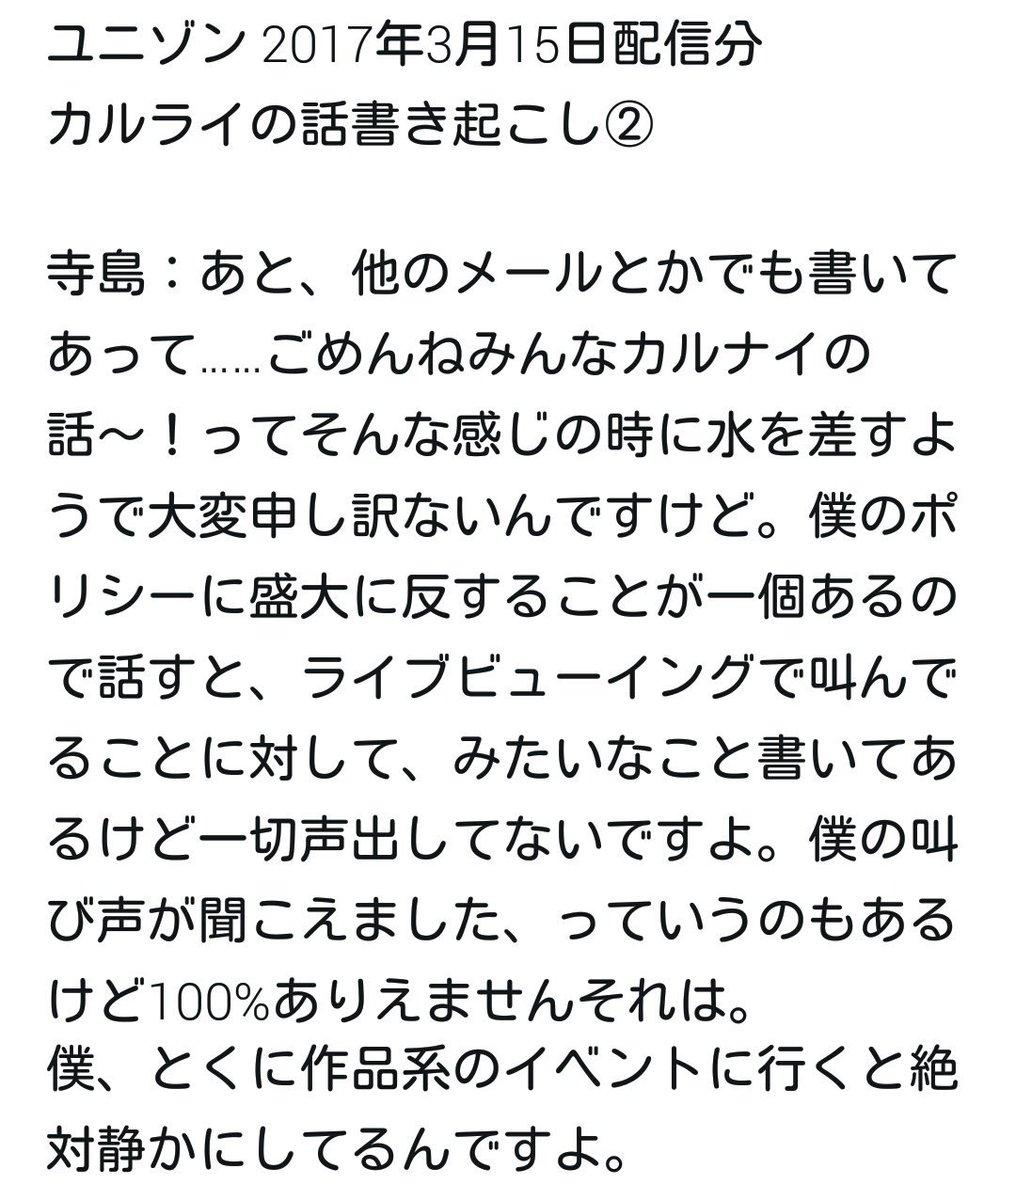 ② ユニゾン寺島さんカルライの話書き起こし